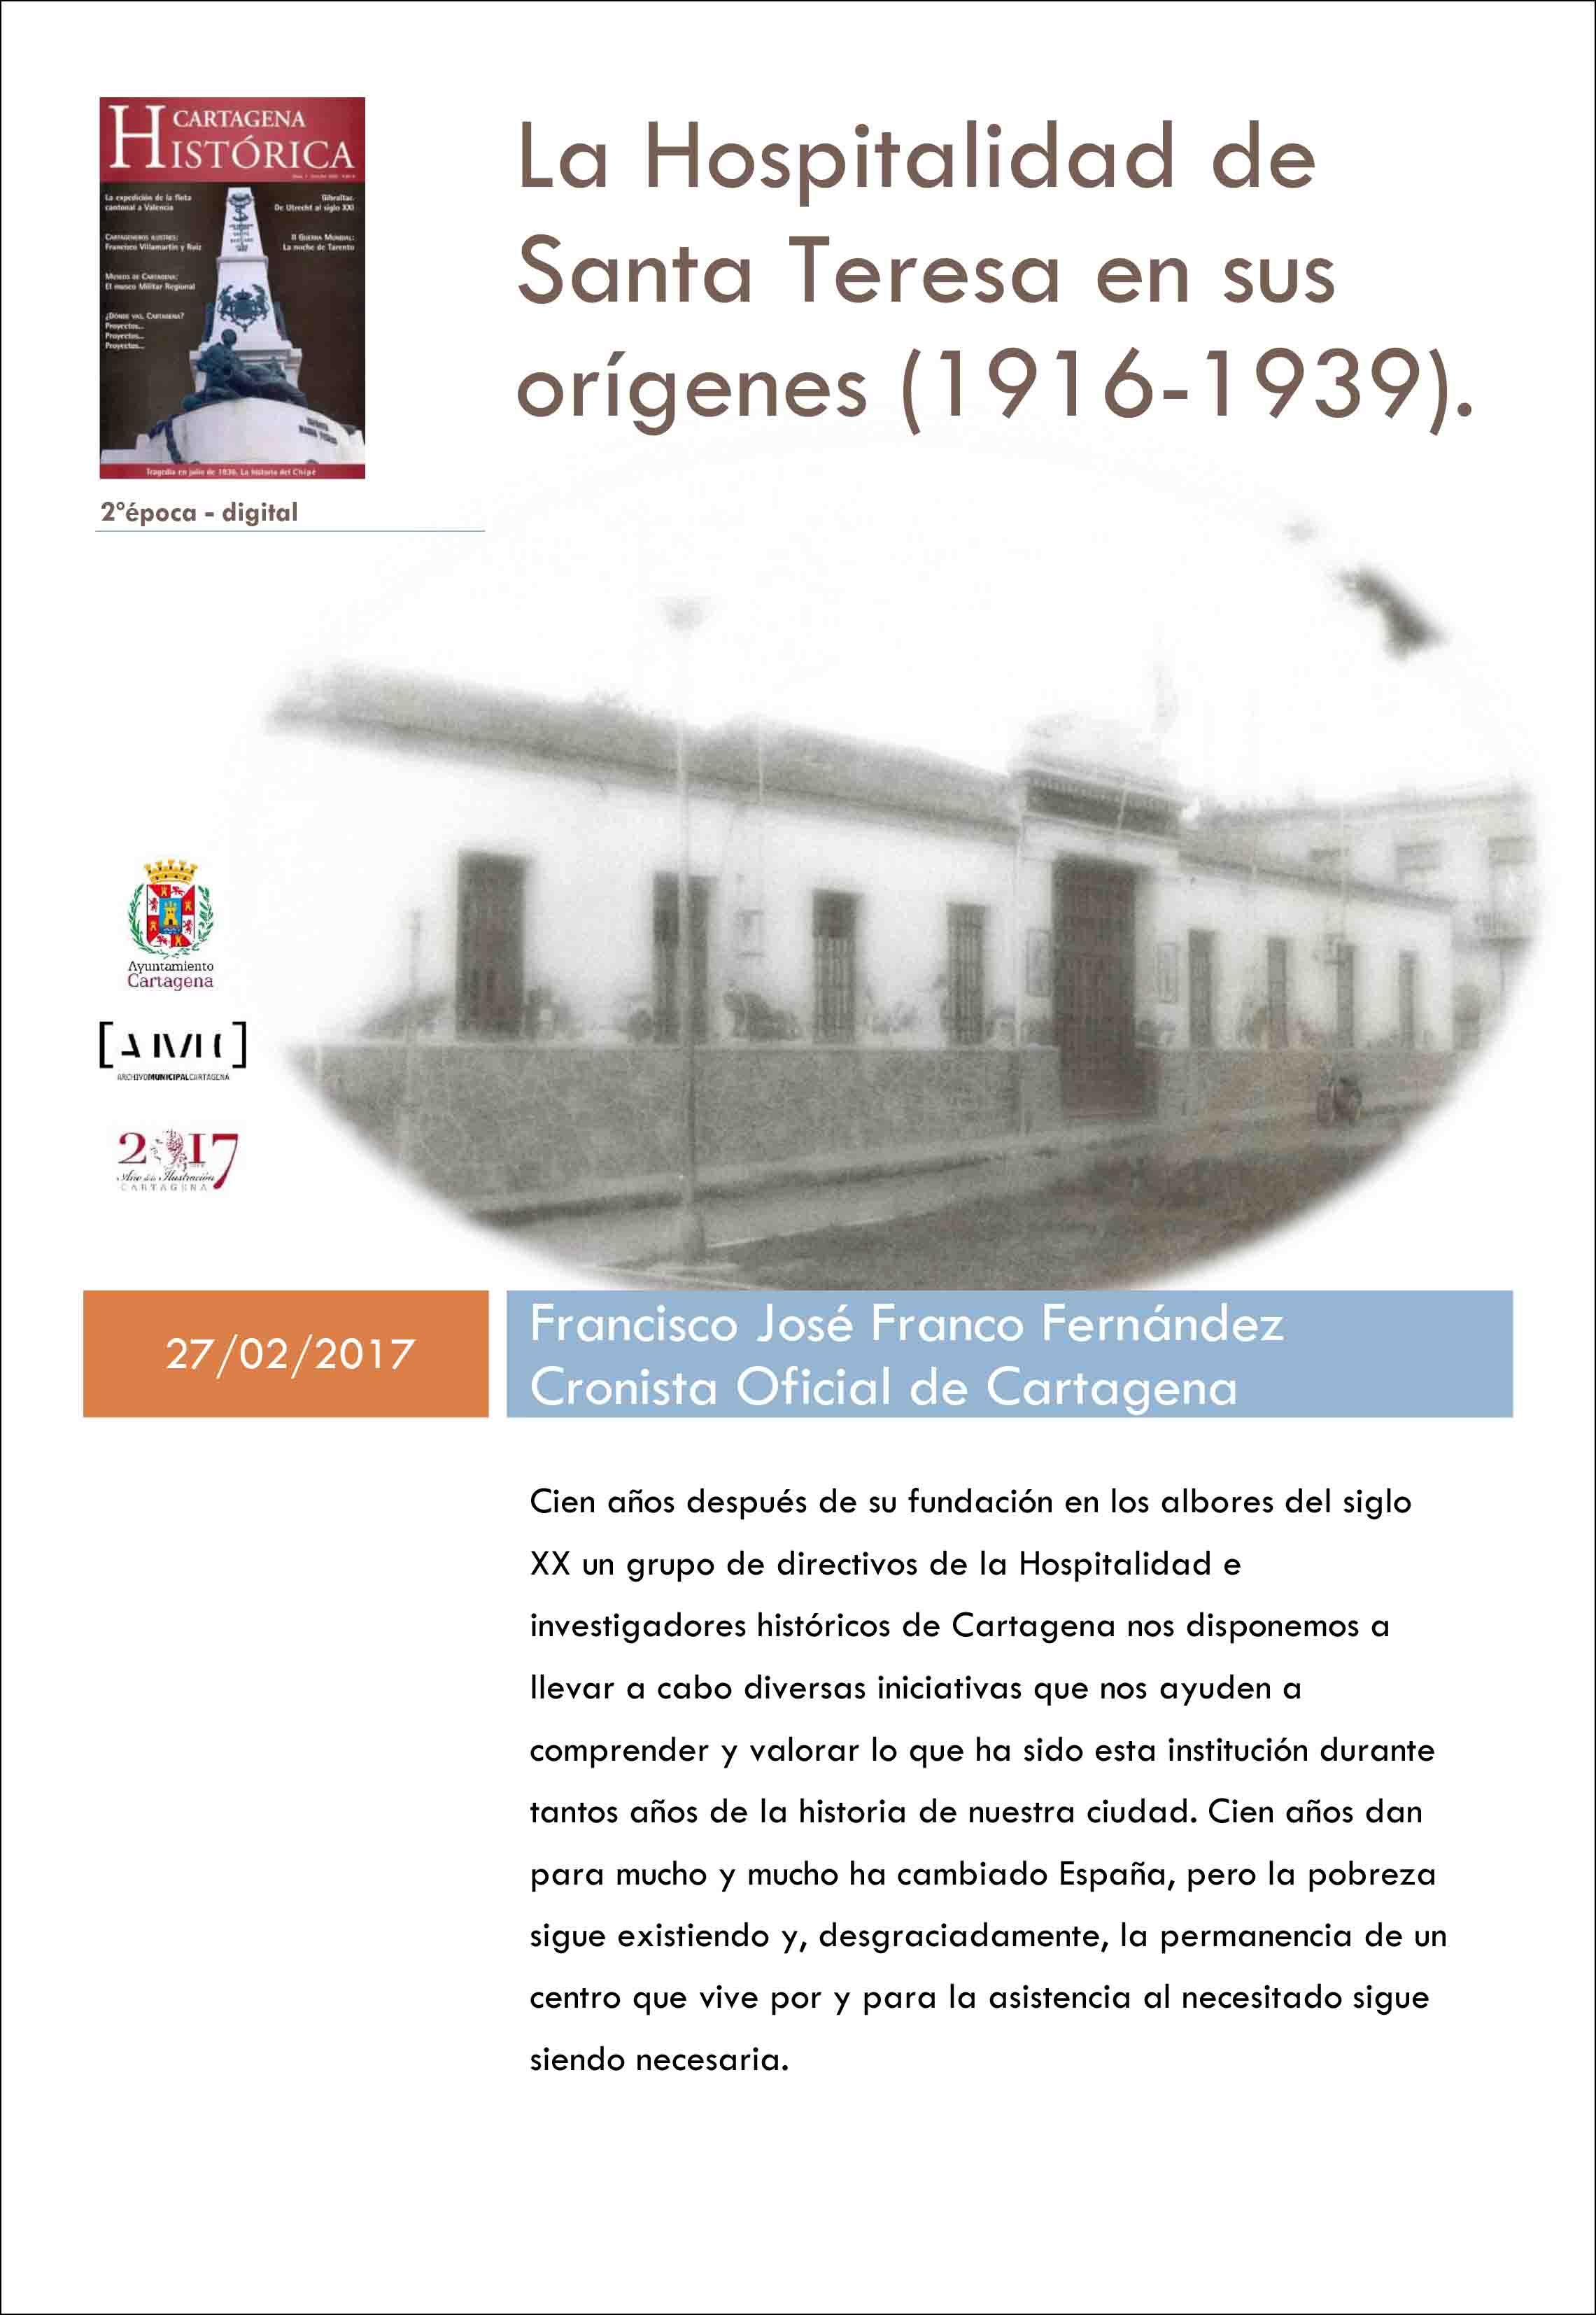 Cartagena Histórica | Publicaciones Electrónicas | Archivo Municipal ...